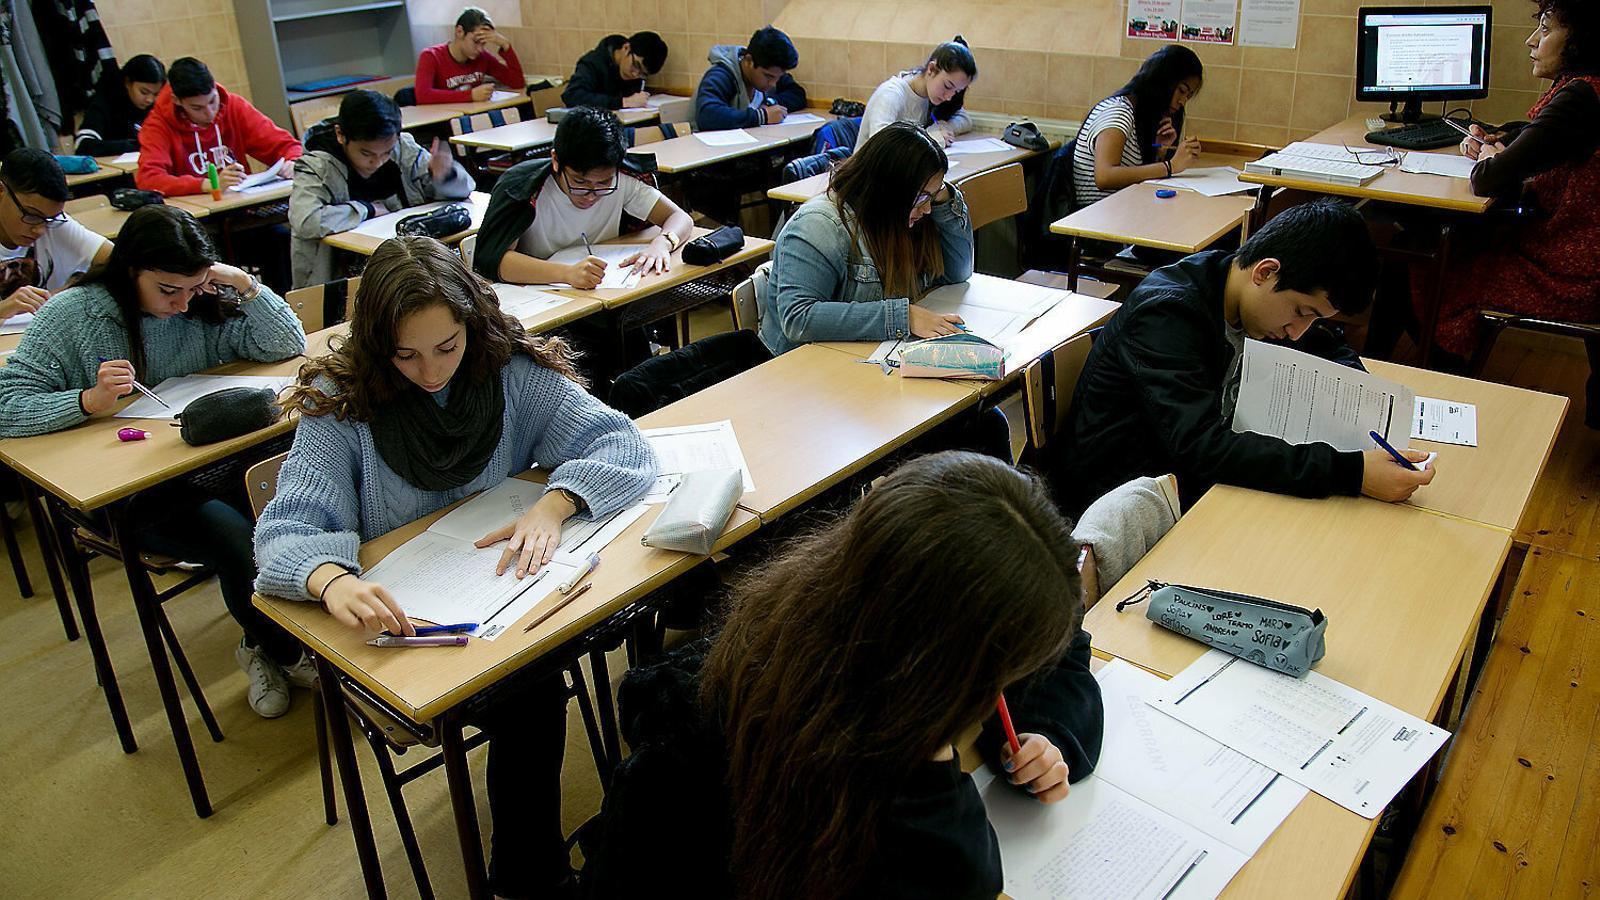 Els alumnes illencs, per sobre de la mitjana de l'OCDE en competència global a les proves PISA